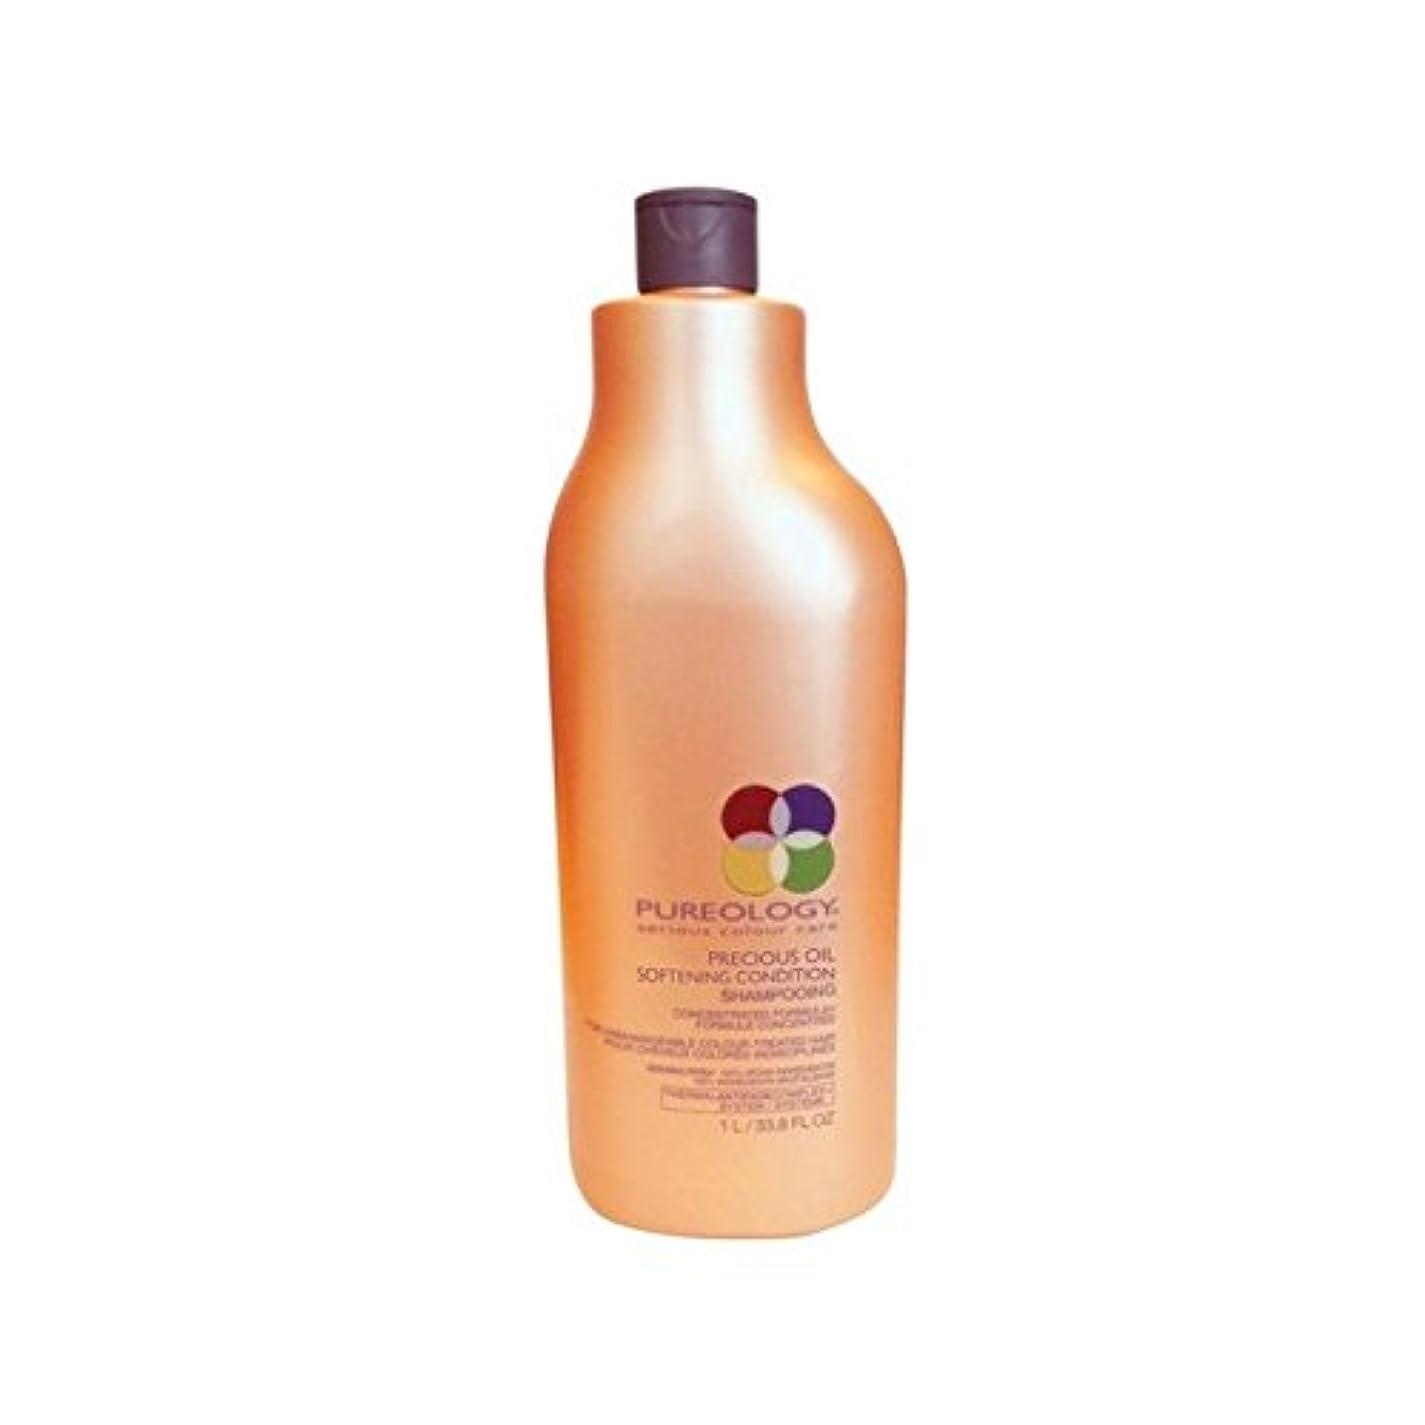 不安定なホーム抽出貴重なオイルコンディショナー(千ミリリットル) x4 - Pureology Precious Oil Conditioner (1000ml) (Pack of 4) [並行輸入品]